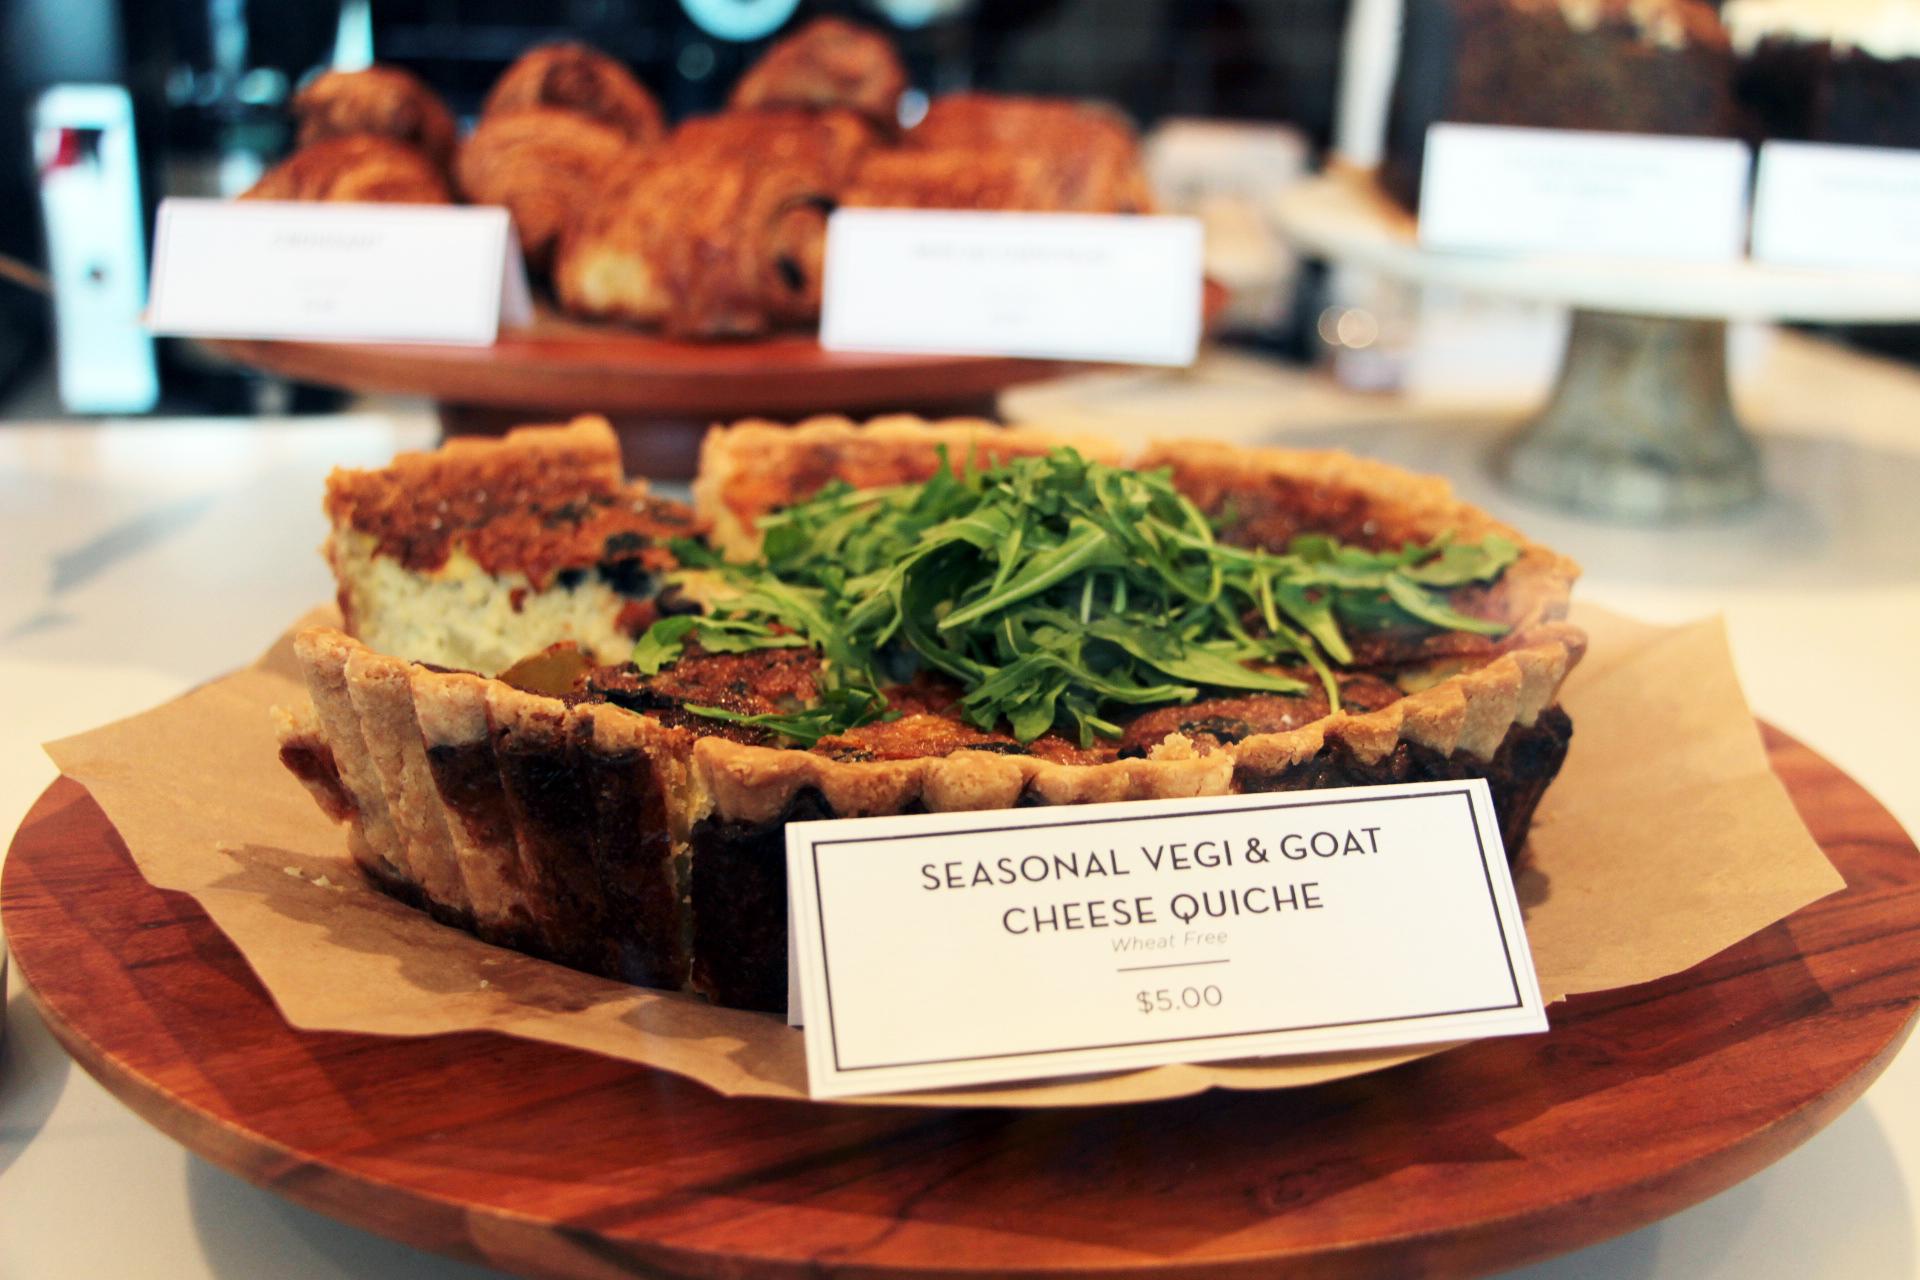 Seasonal Vegi & Goat Cheese Quiche.